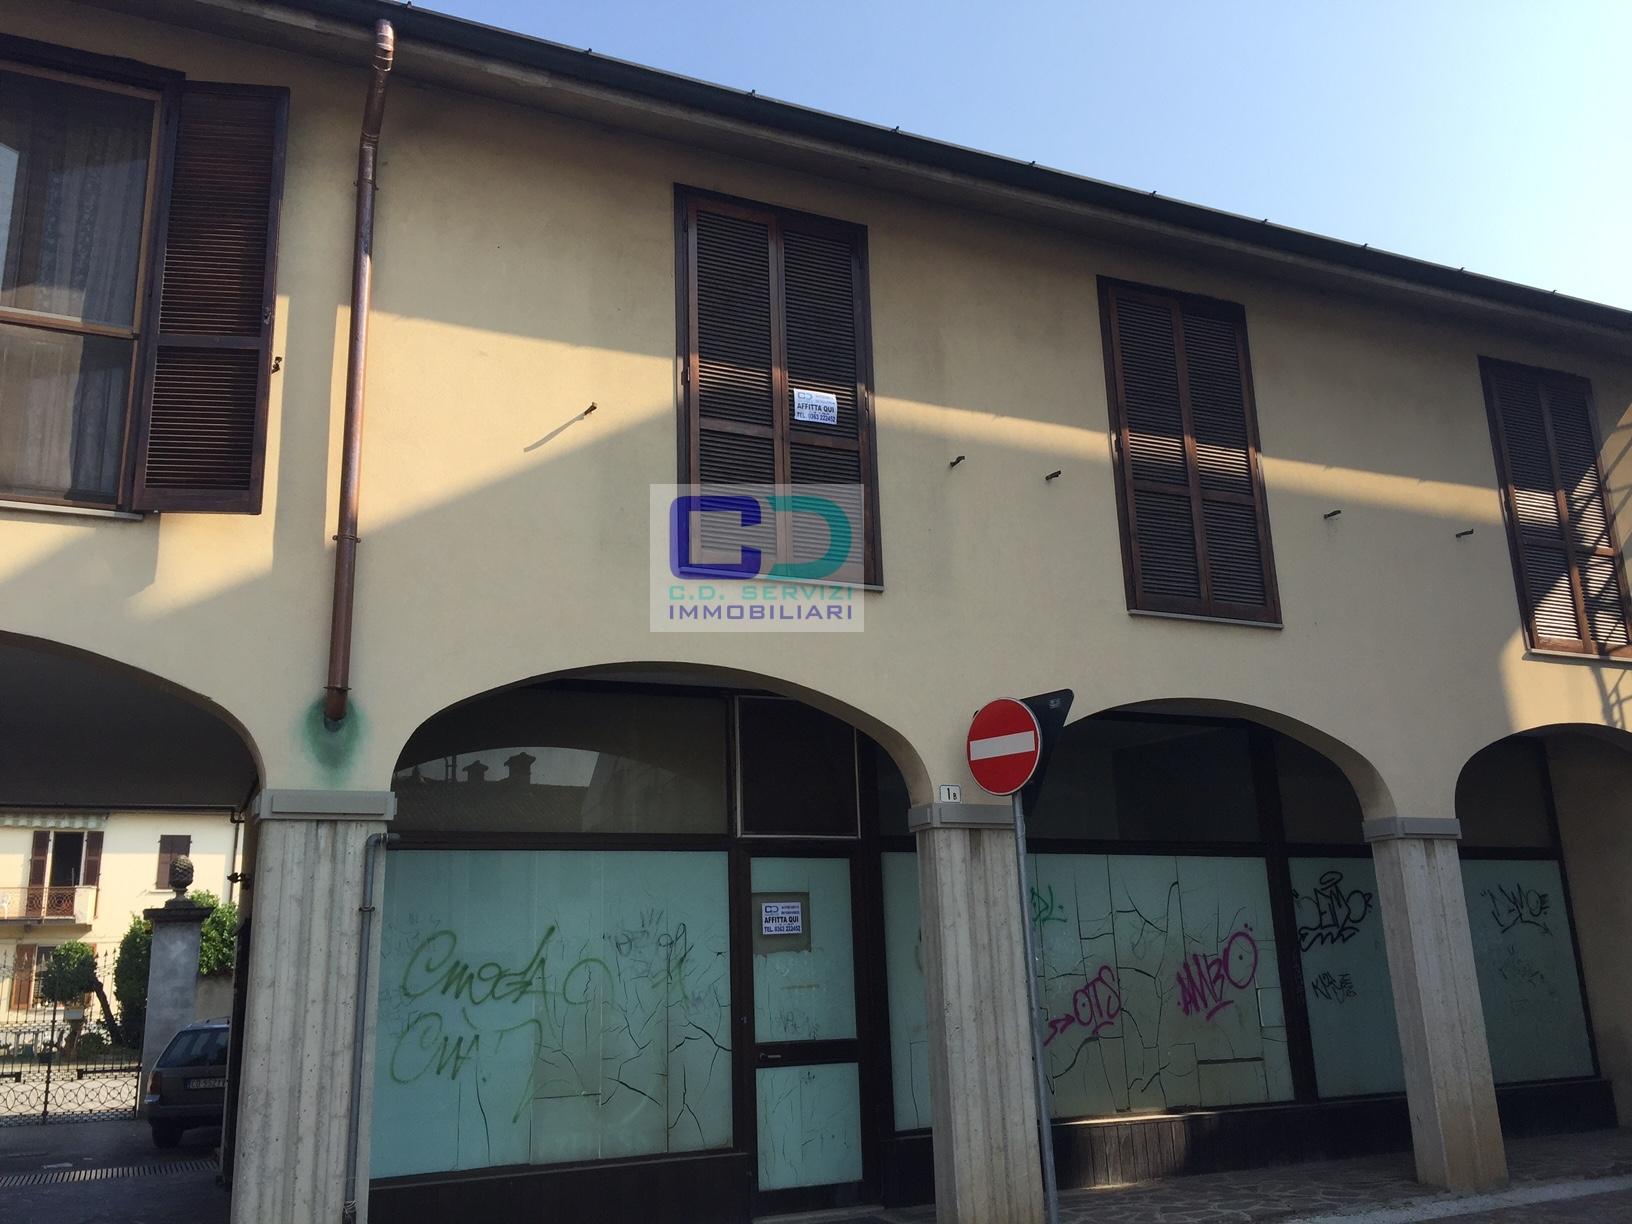 Appartamento in affitto a Pozzuolo Martesana, 2 locali, zona Zona: Trecella, prezzo € 500 | CambioCasa.it